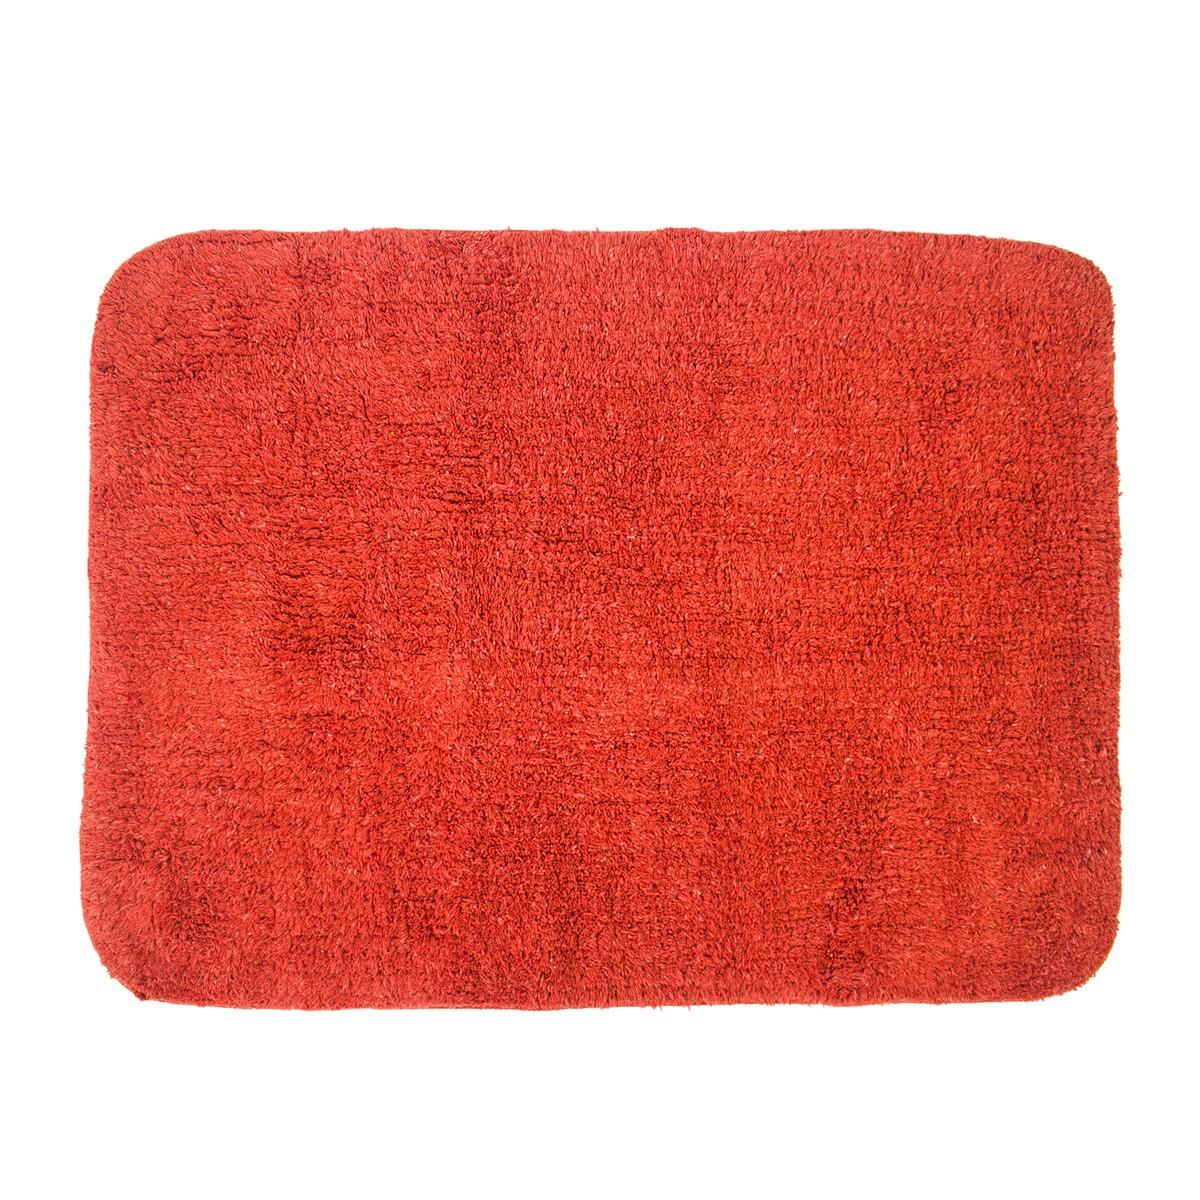 Πατάκι Μπάνιου (50x70) Rainbow Campione 05581 Κόκκινο